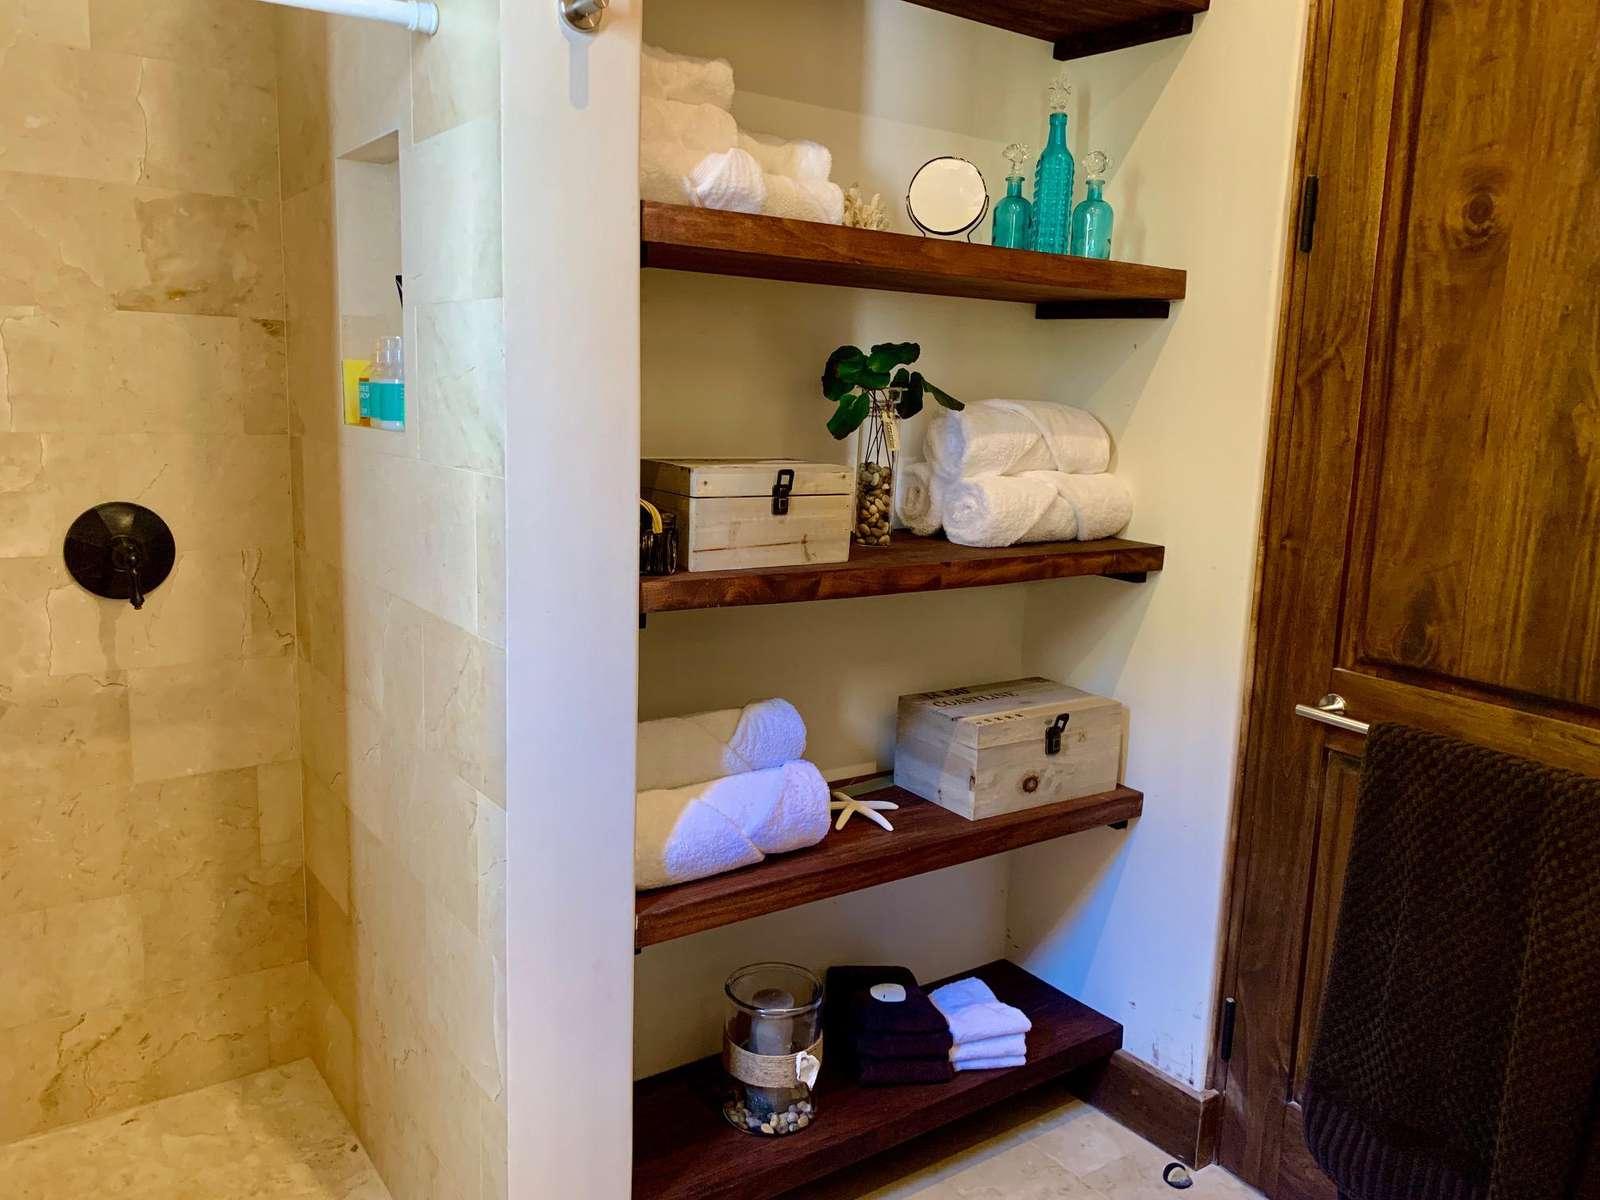 Walk in shower, storage area